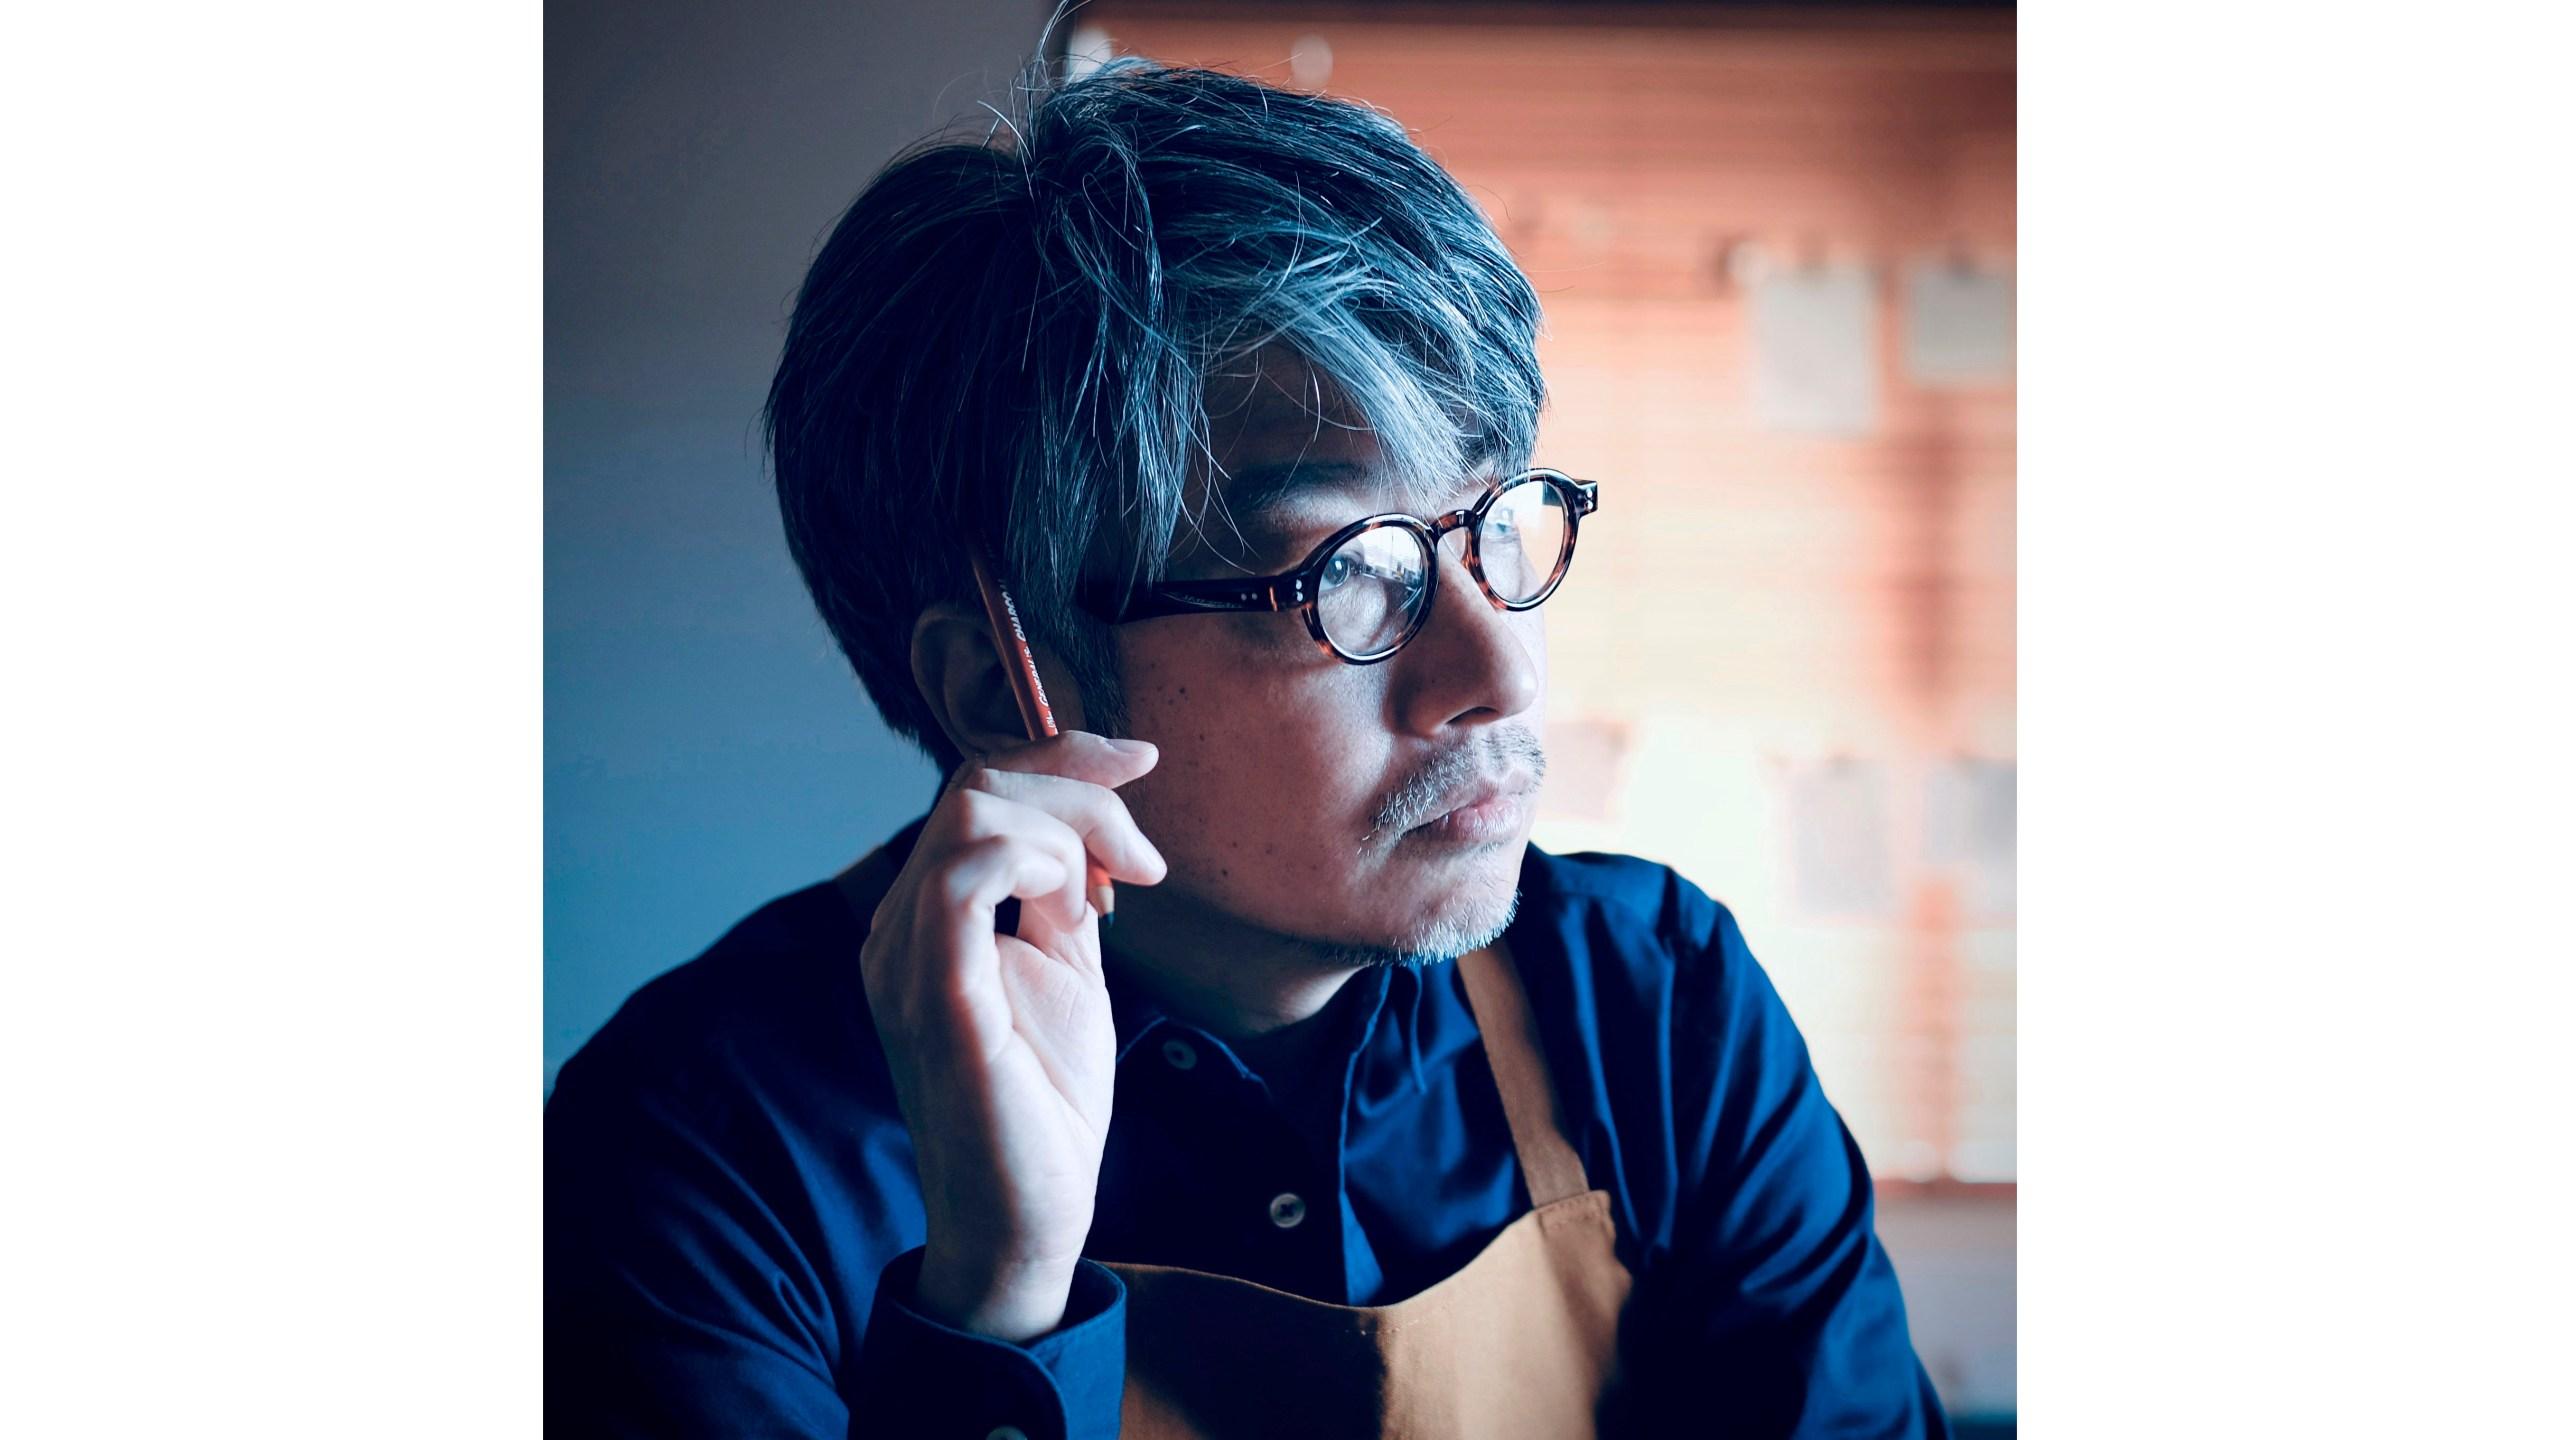 Kentaro Kobayashi